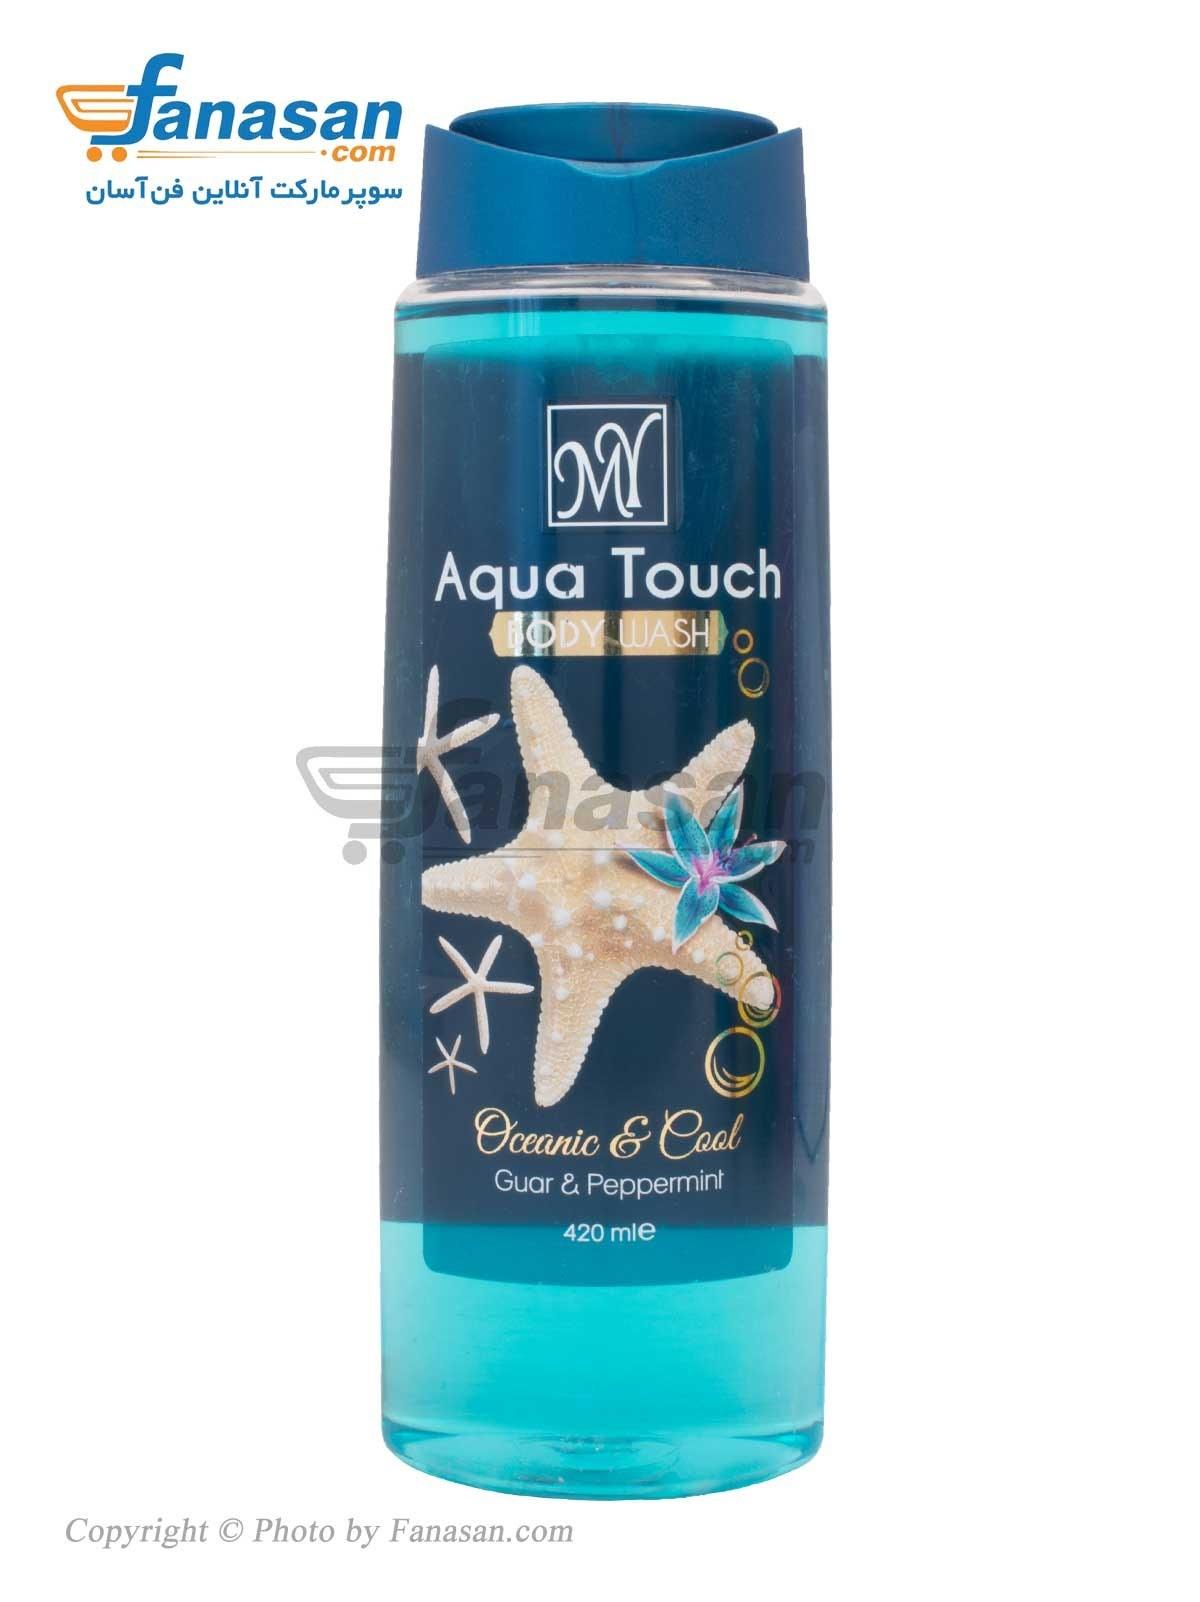 عکس شامپو بدن مای مدل Aqua Touch حجم 420 میلی لیتر My Aqua Touch Body Shampoo 420ml شامپو-بدن-مای-مدل-aqua-touch-حجم-420-میلی-لیتر